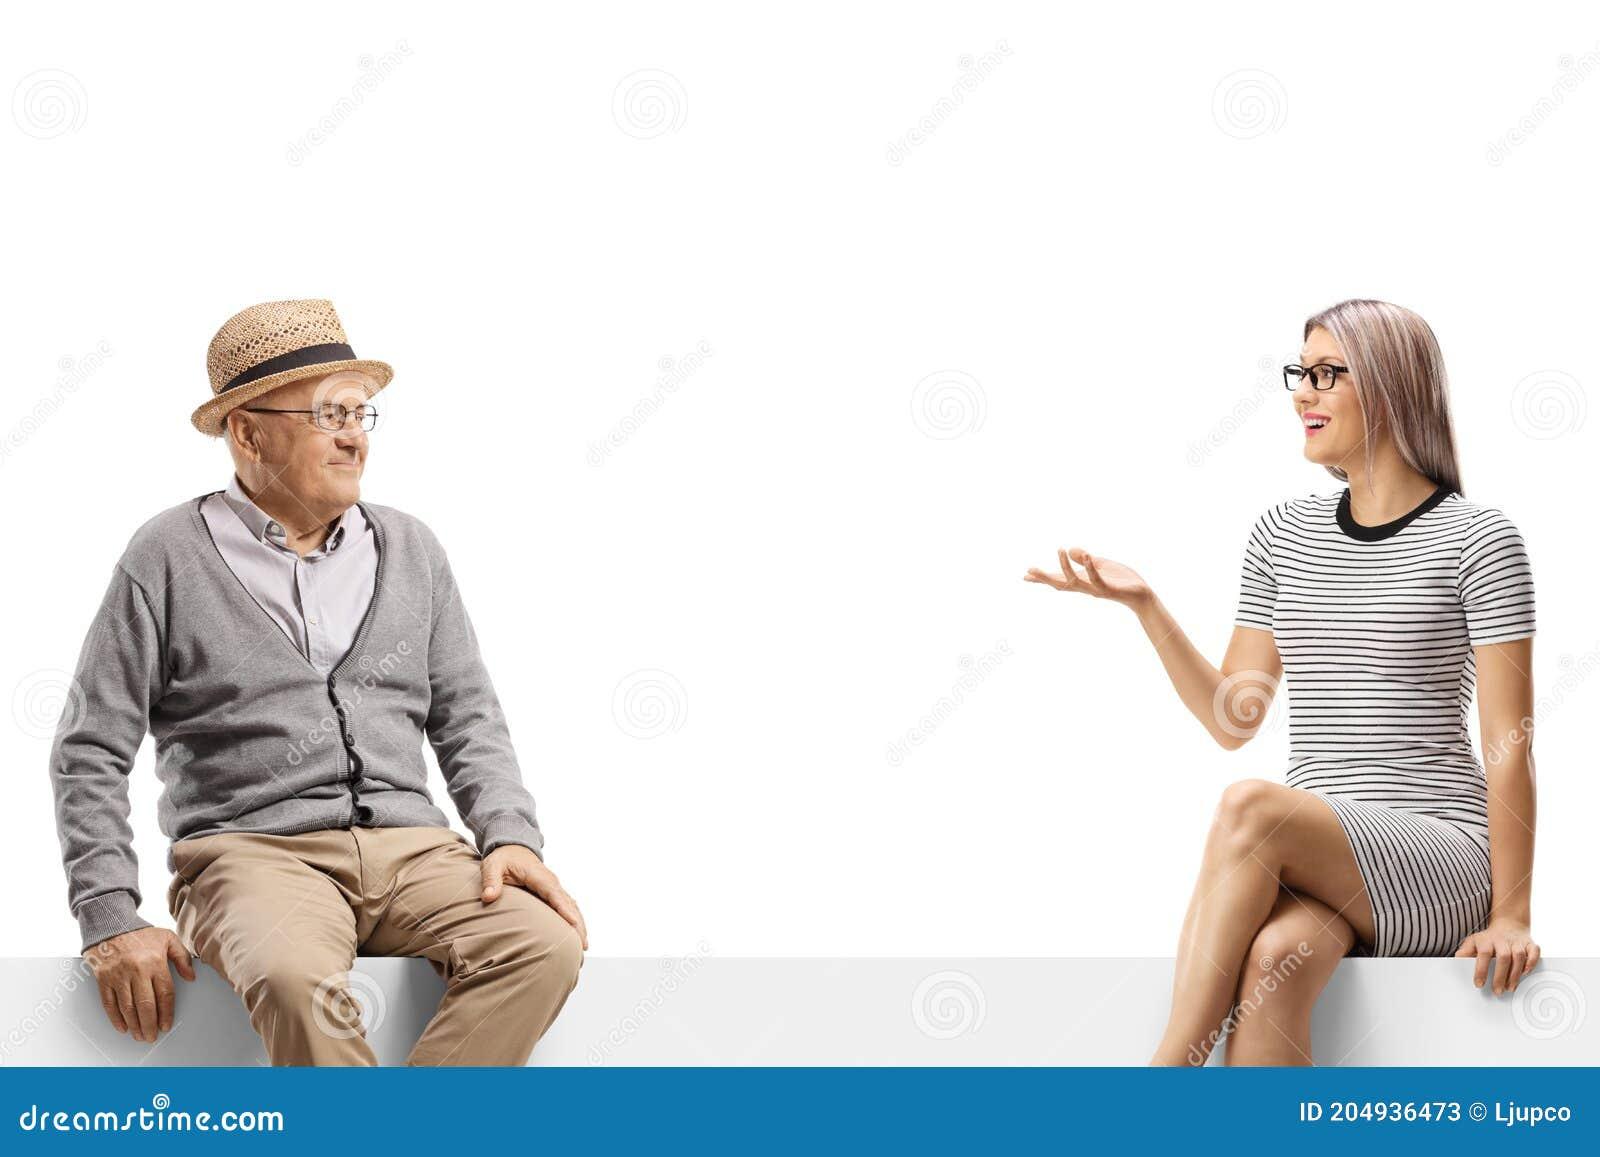 Alter Mann Und Eine Junge Frau Auf Einer Blindplatte